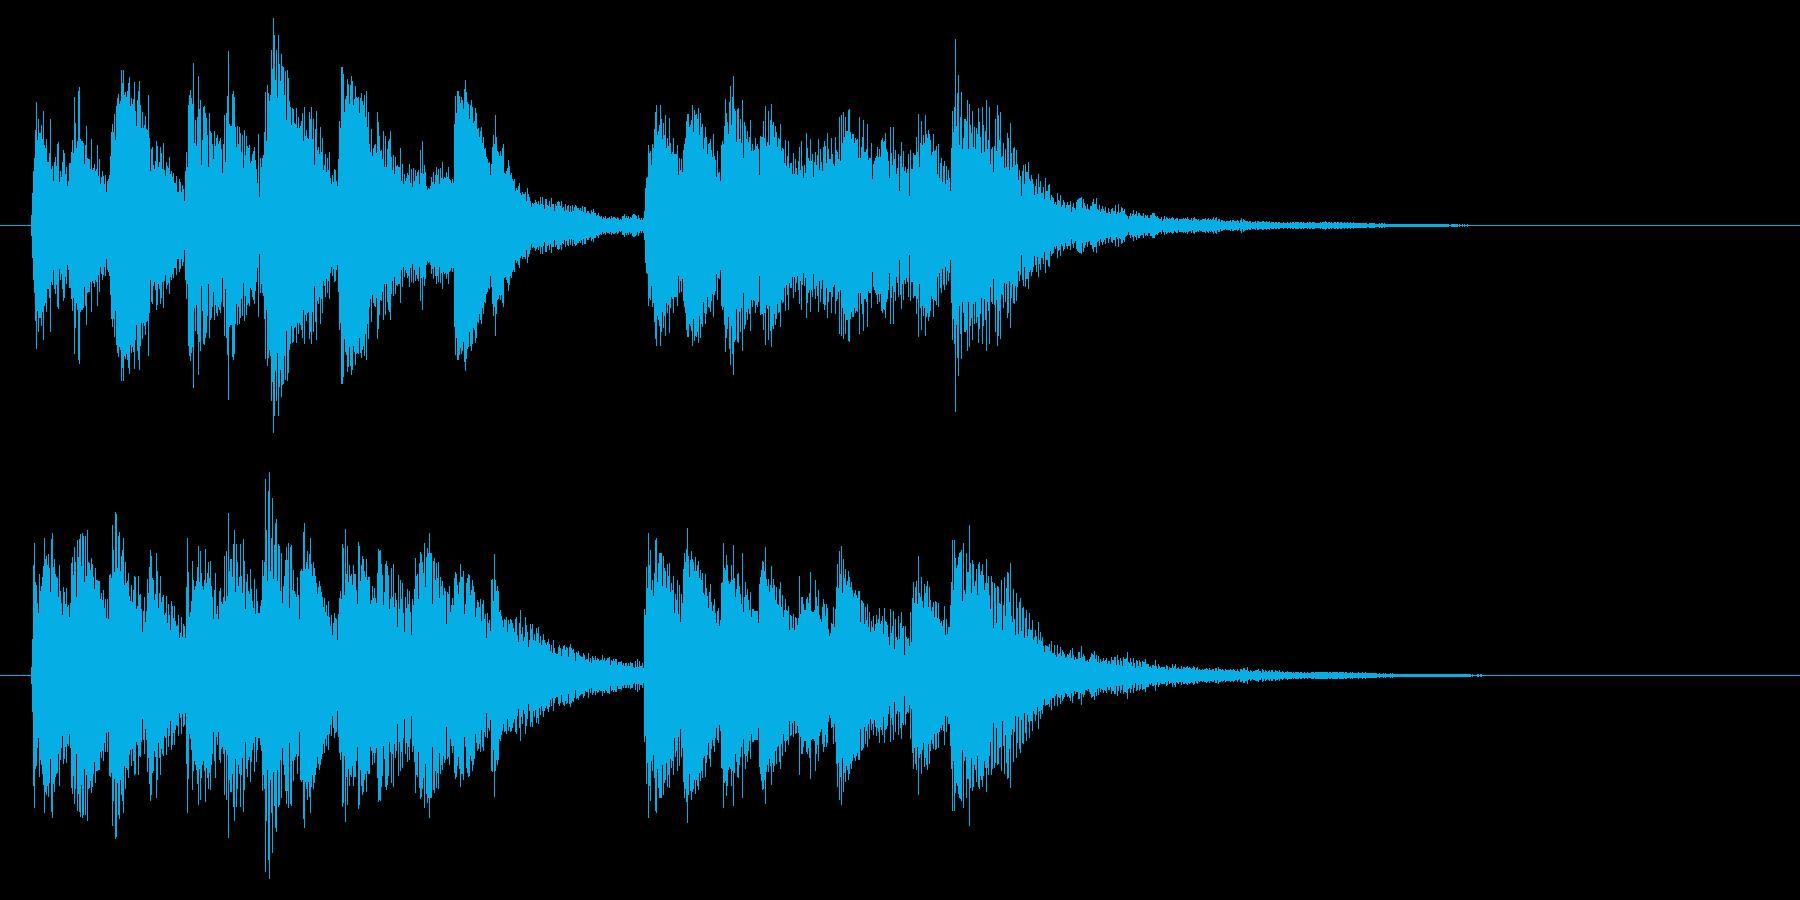 軽快でほのぼのとしたピアノジングルの再生済みの波形